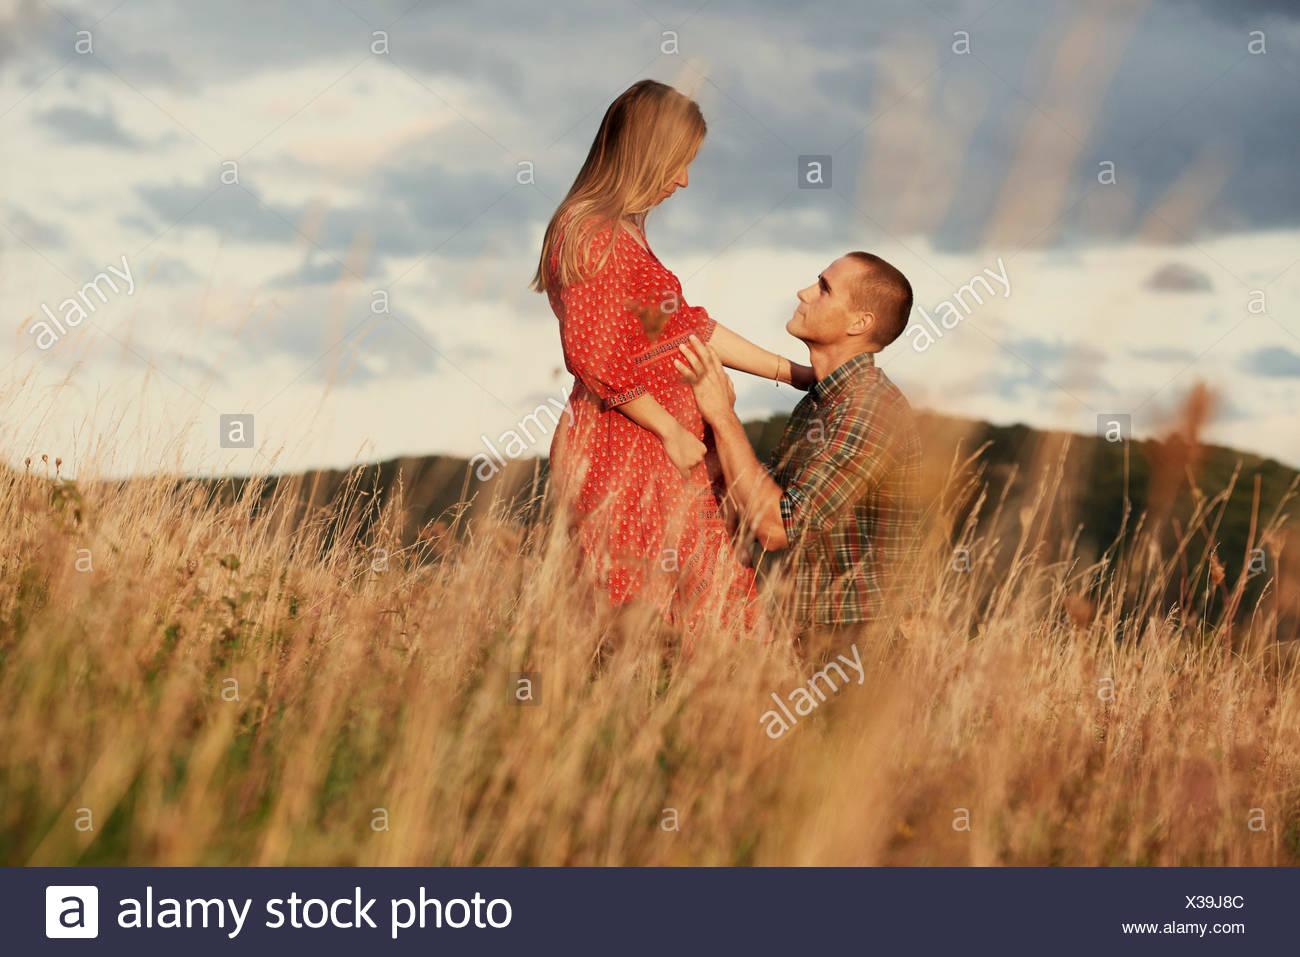 A mediados adulto hombre arrodillado con la mano en el estómago de esposa embarazada en el campo Imagen De Stock